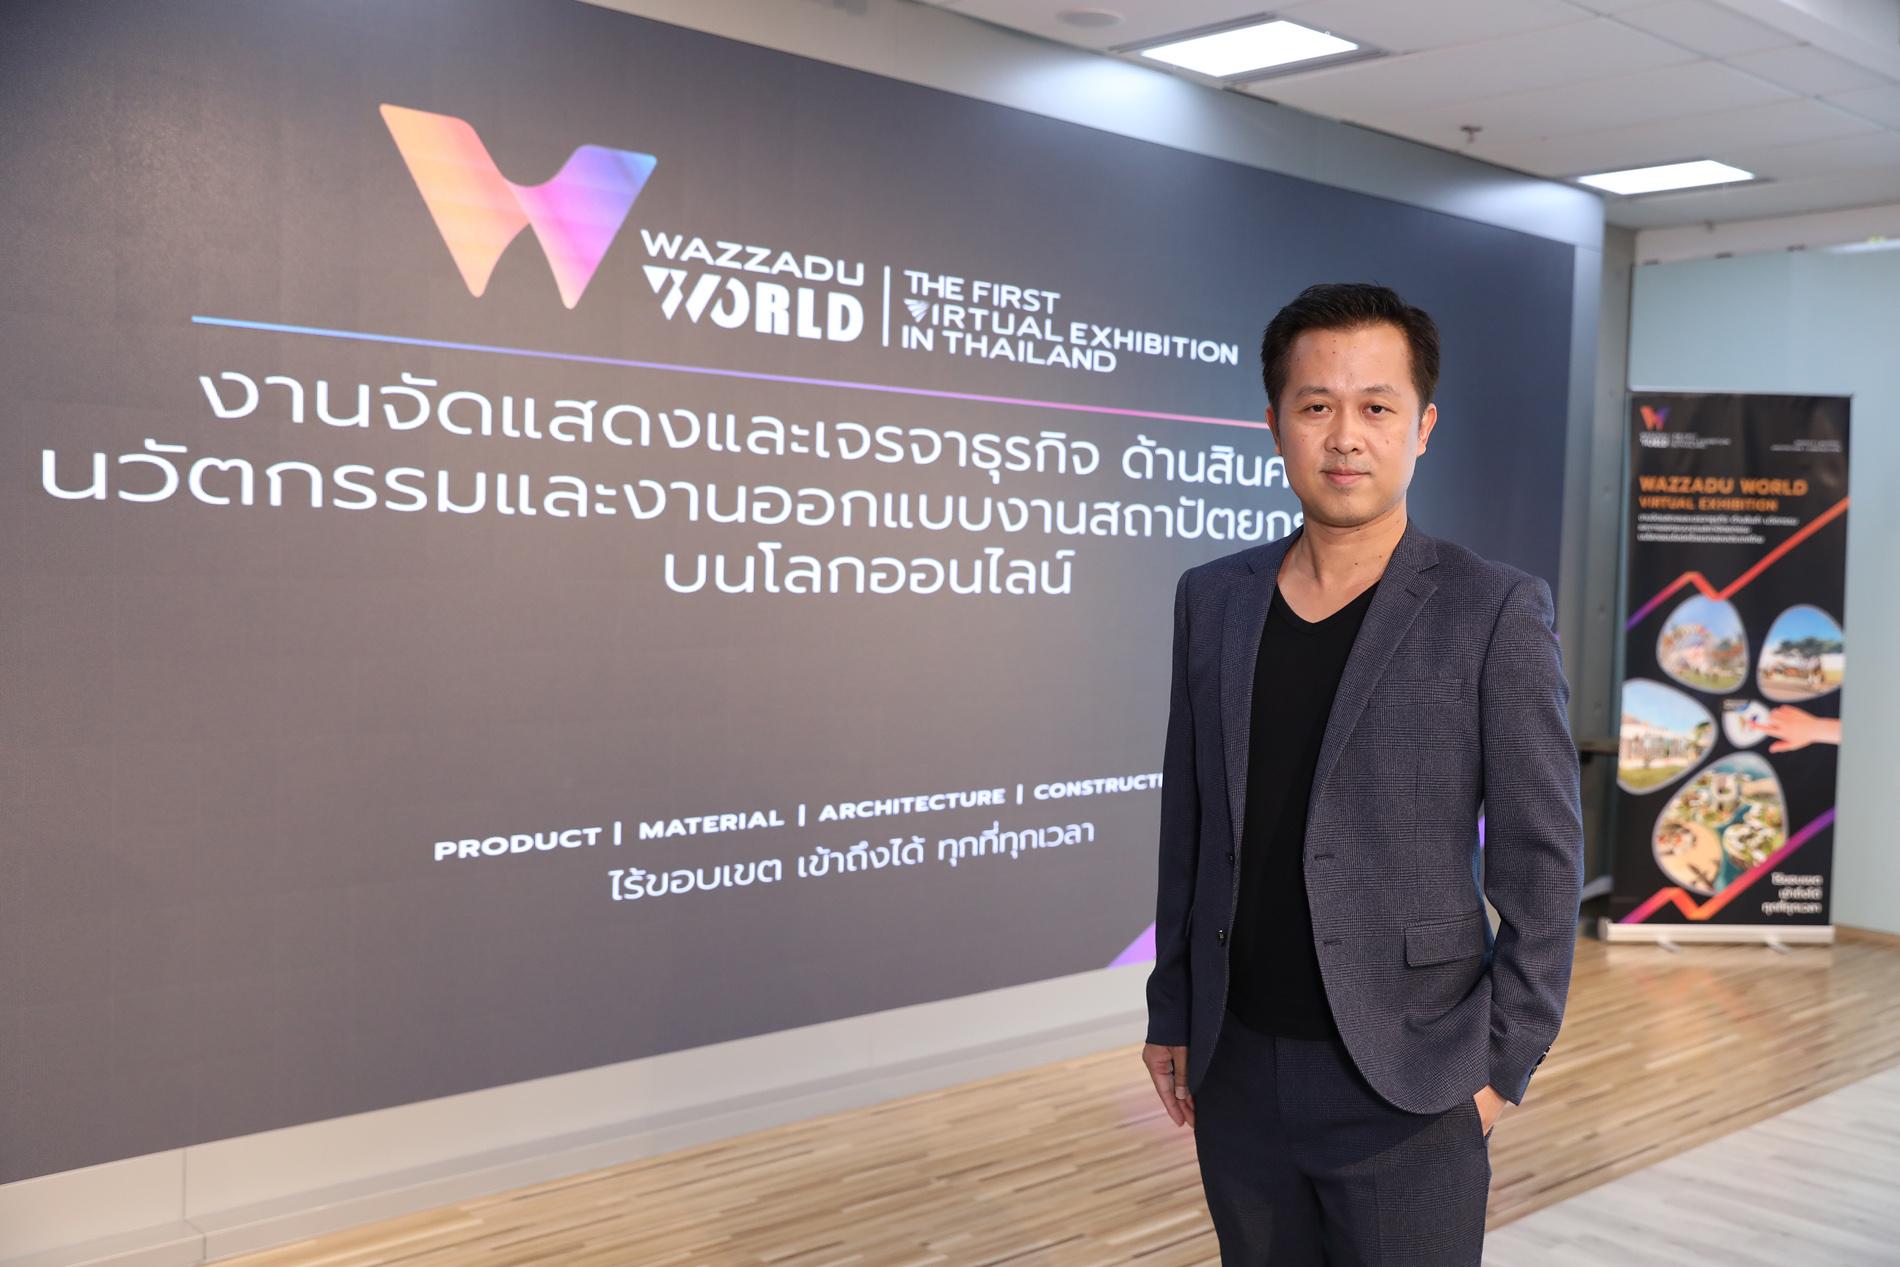 """จุลเกียรติ สินชัยชูเกียรติ ขอขยับวันจัดงานแสดงสินค้า """"WAZZADU World Virtual Exhibition"""""""